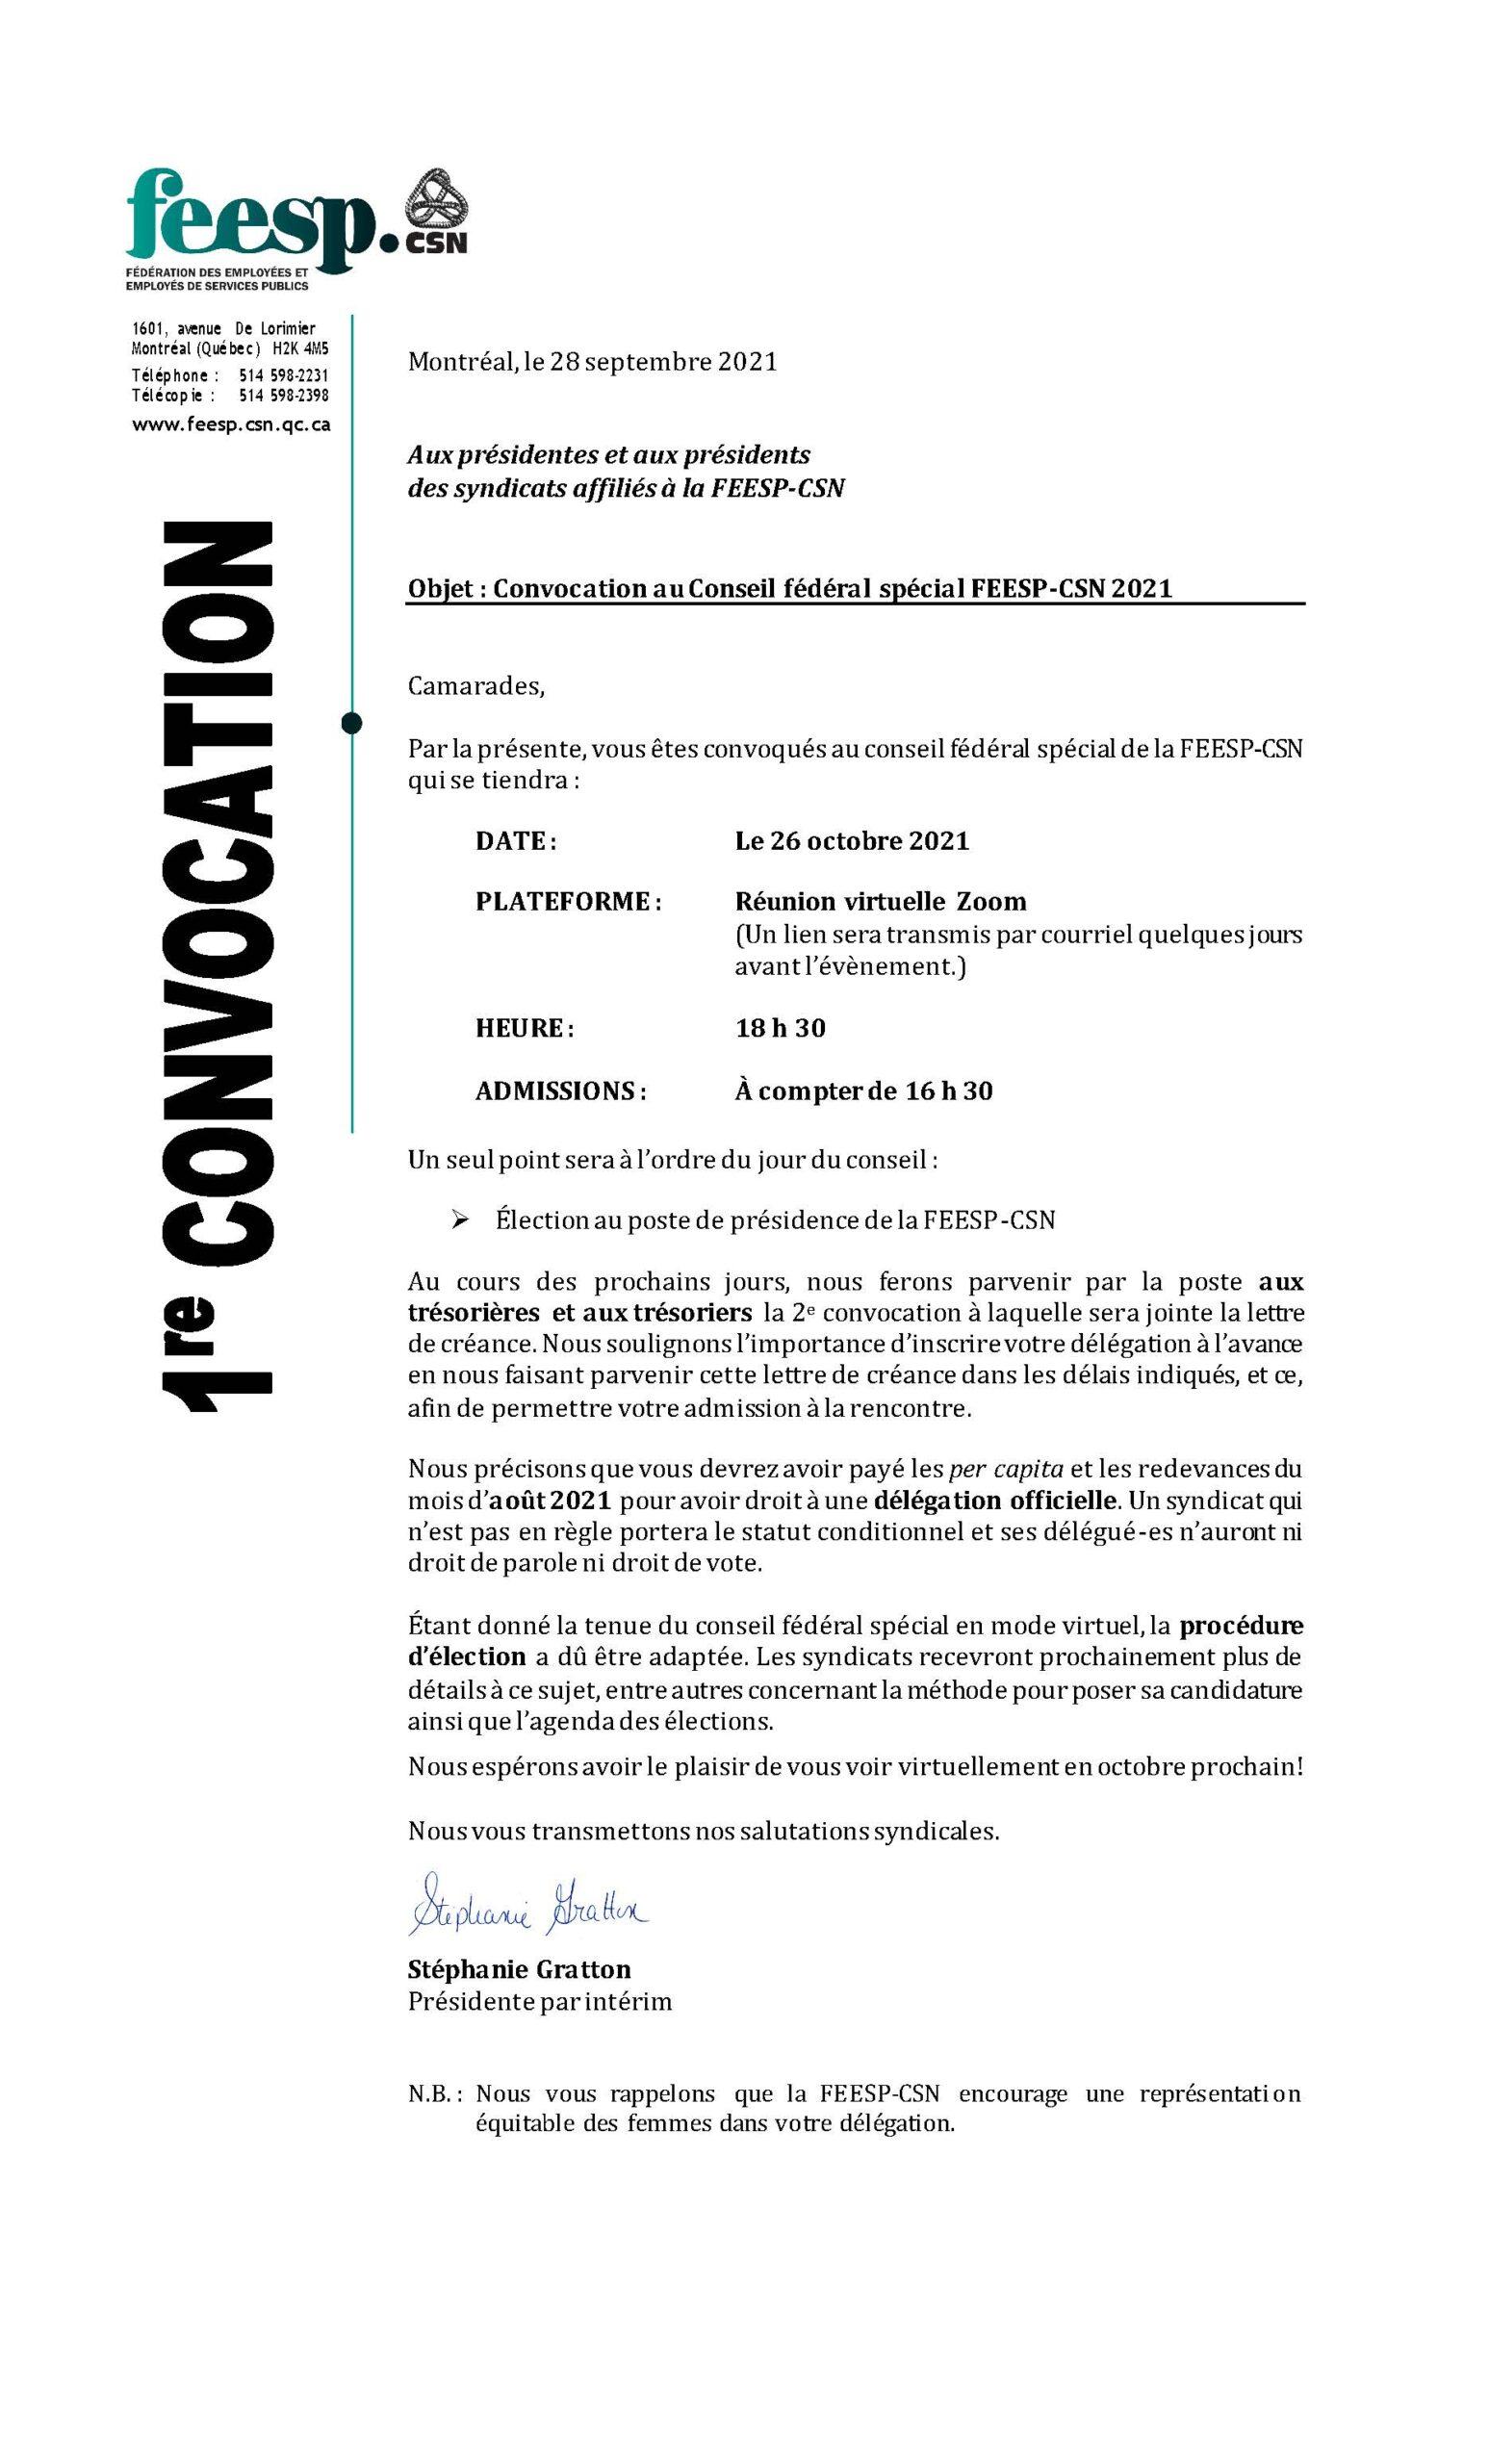 Première convocation Conseil fédéral spécial 2021